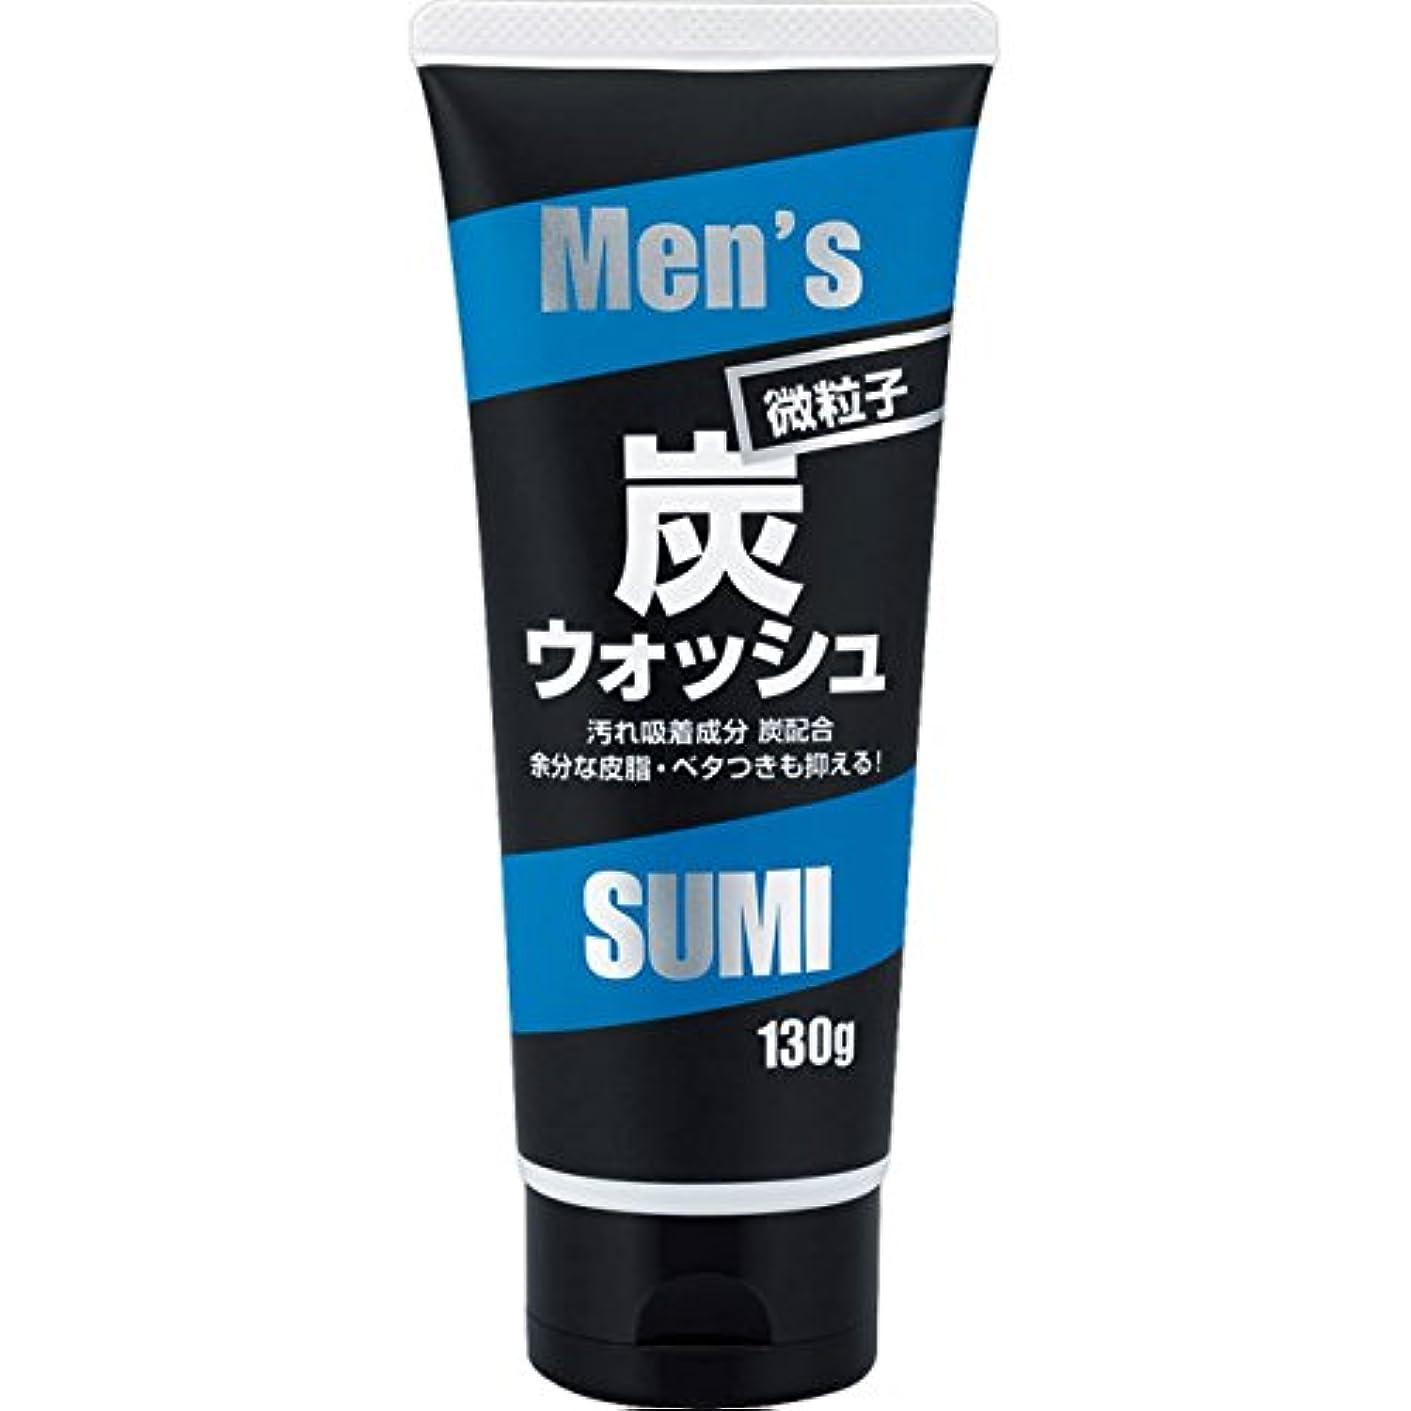 加入氏東ティモールメンズ炭洗顔130g